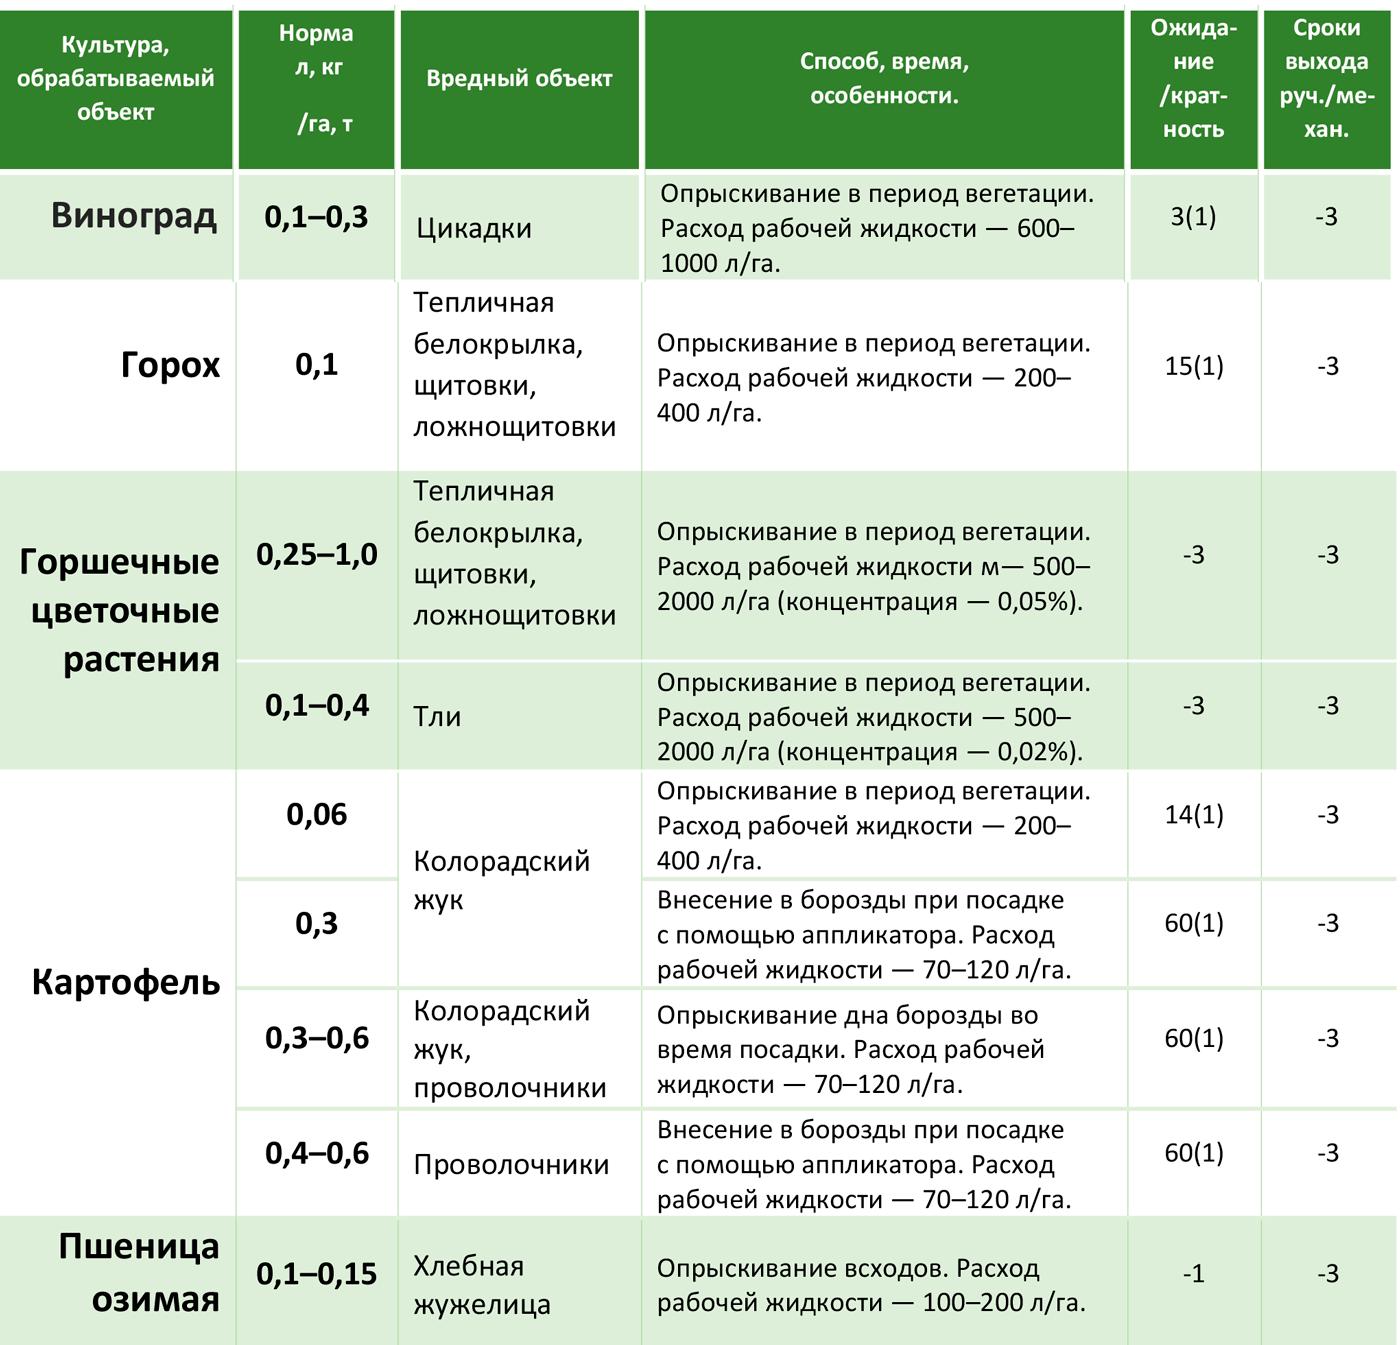 Актара, вдг (инсектициды и акарициды, пестициды) — agroxxi